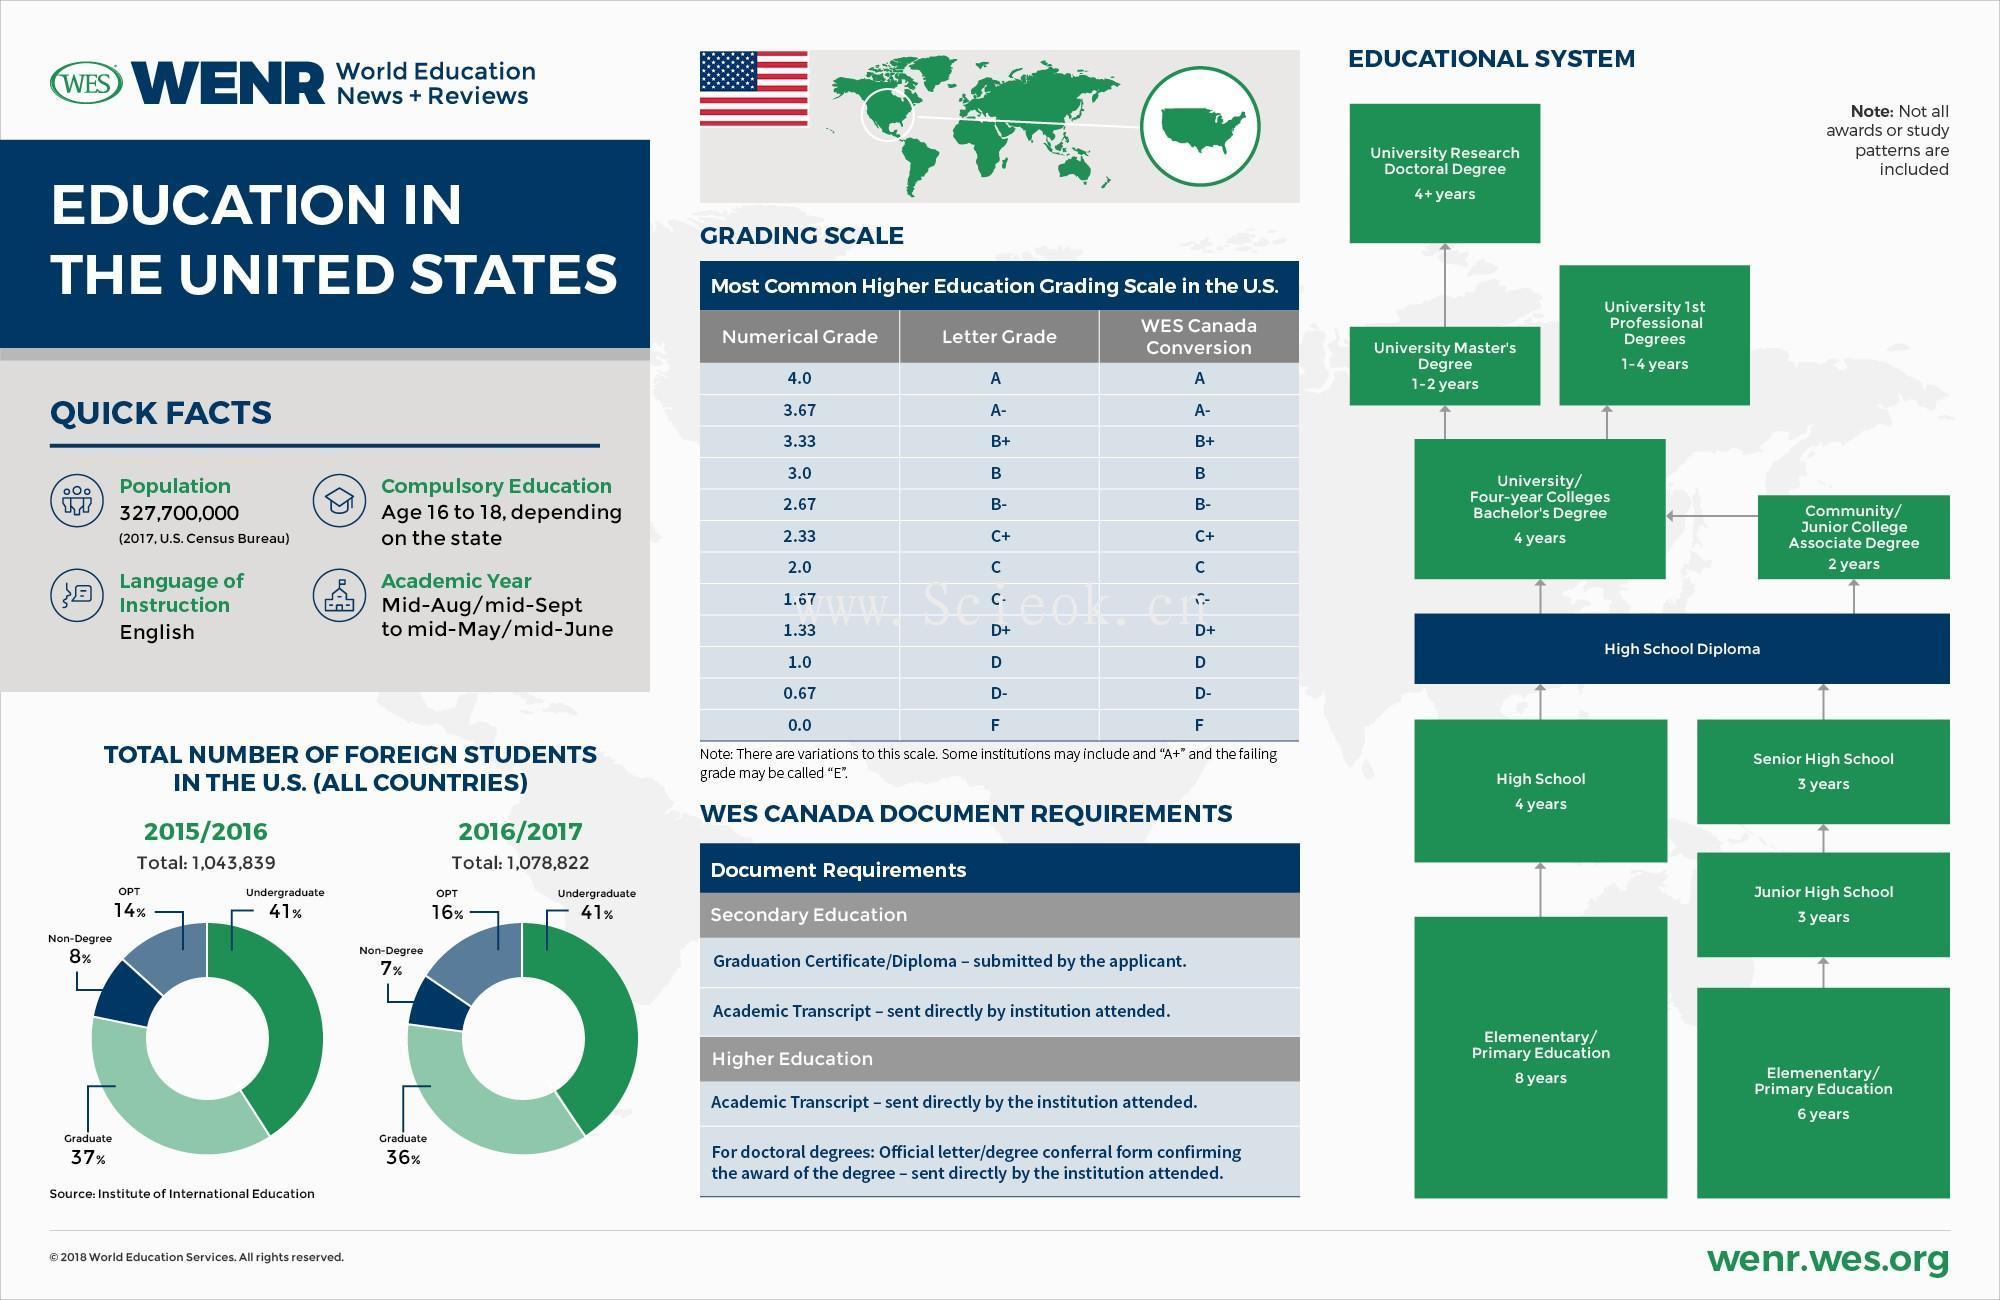 一组教育发达国家的教育体制与数据统计 (中美英德澳加荷韩阿联酋)  数据 第2张